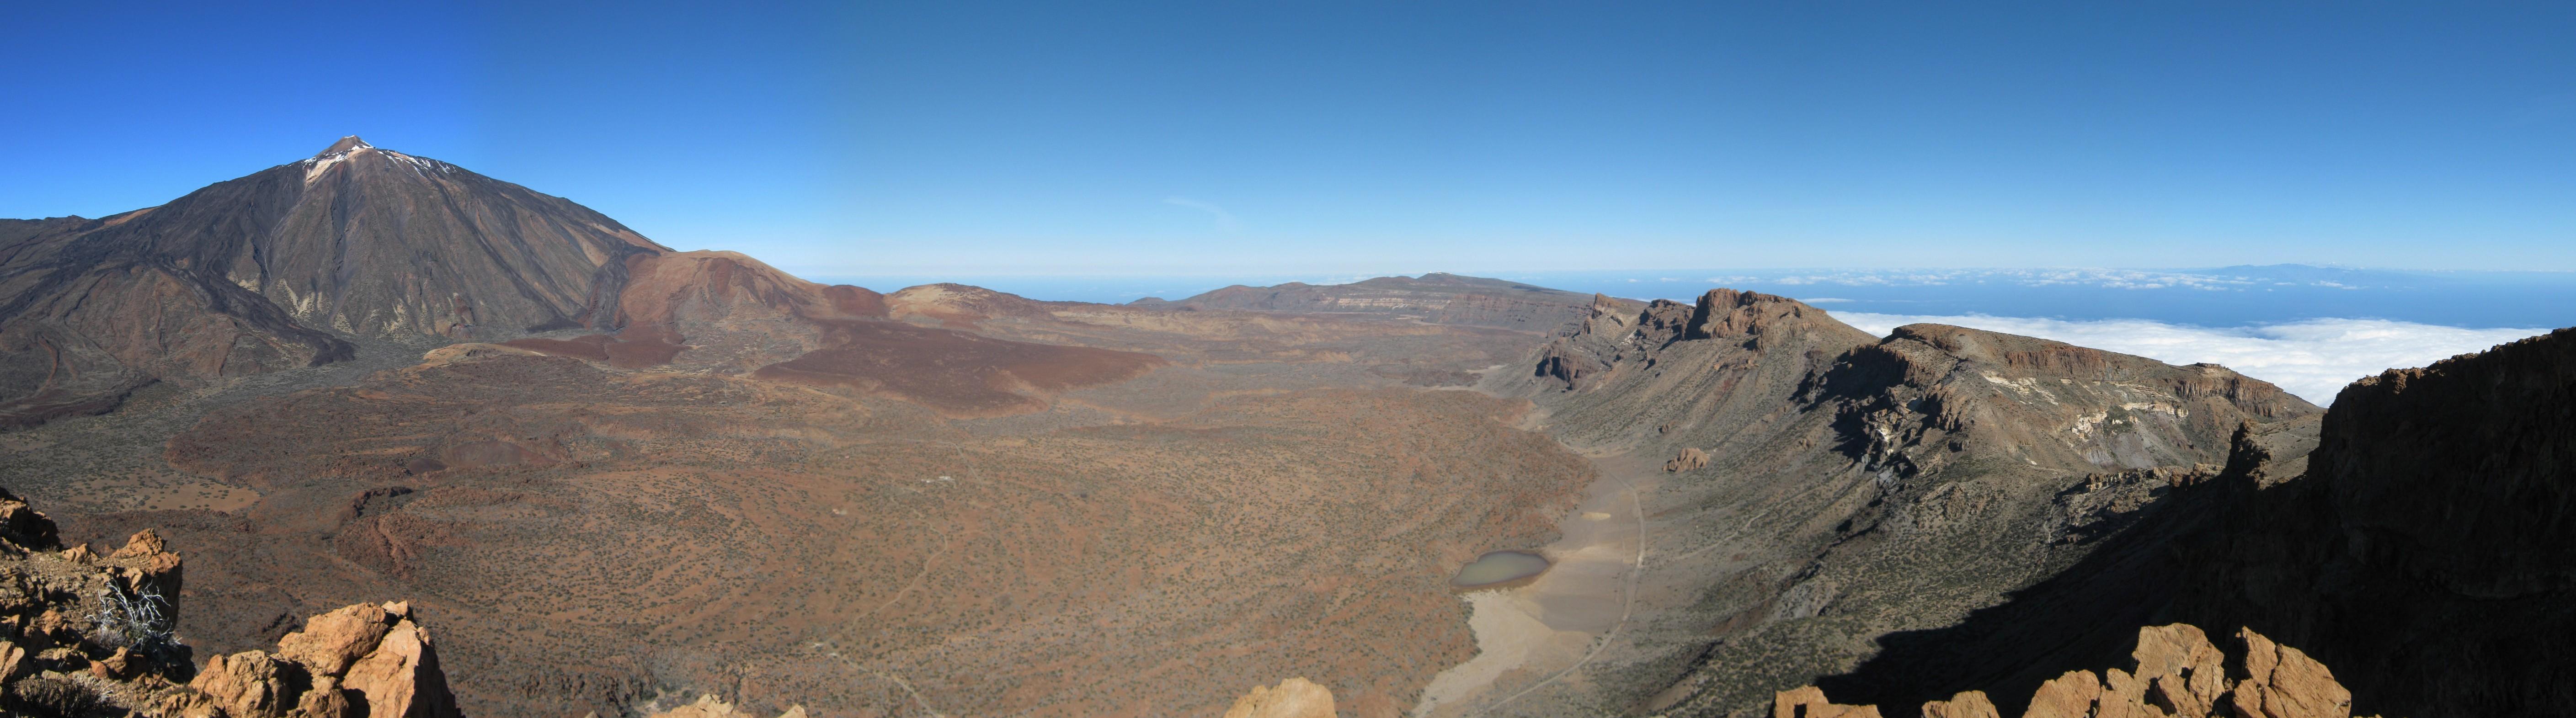 Vulkanismus – Vulkanische Hohlformen